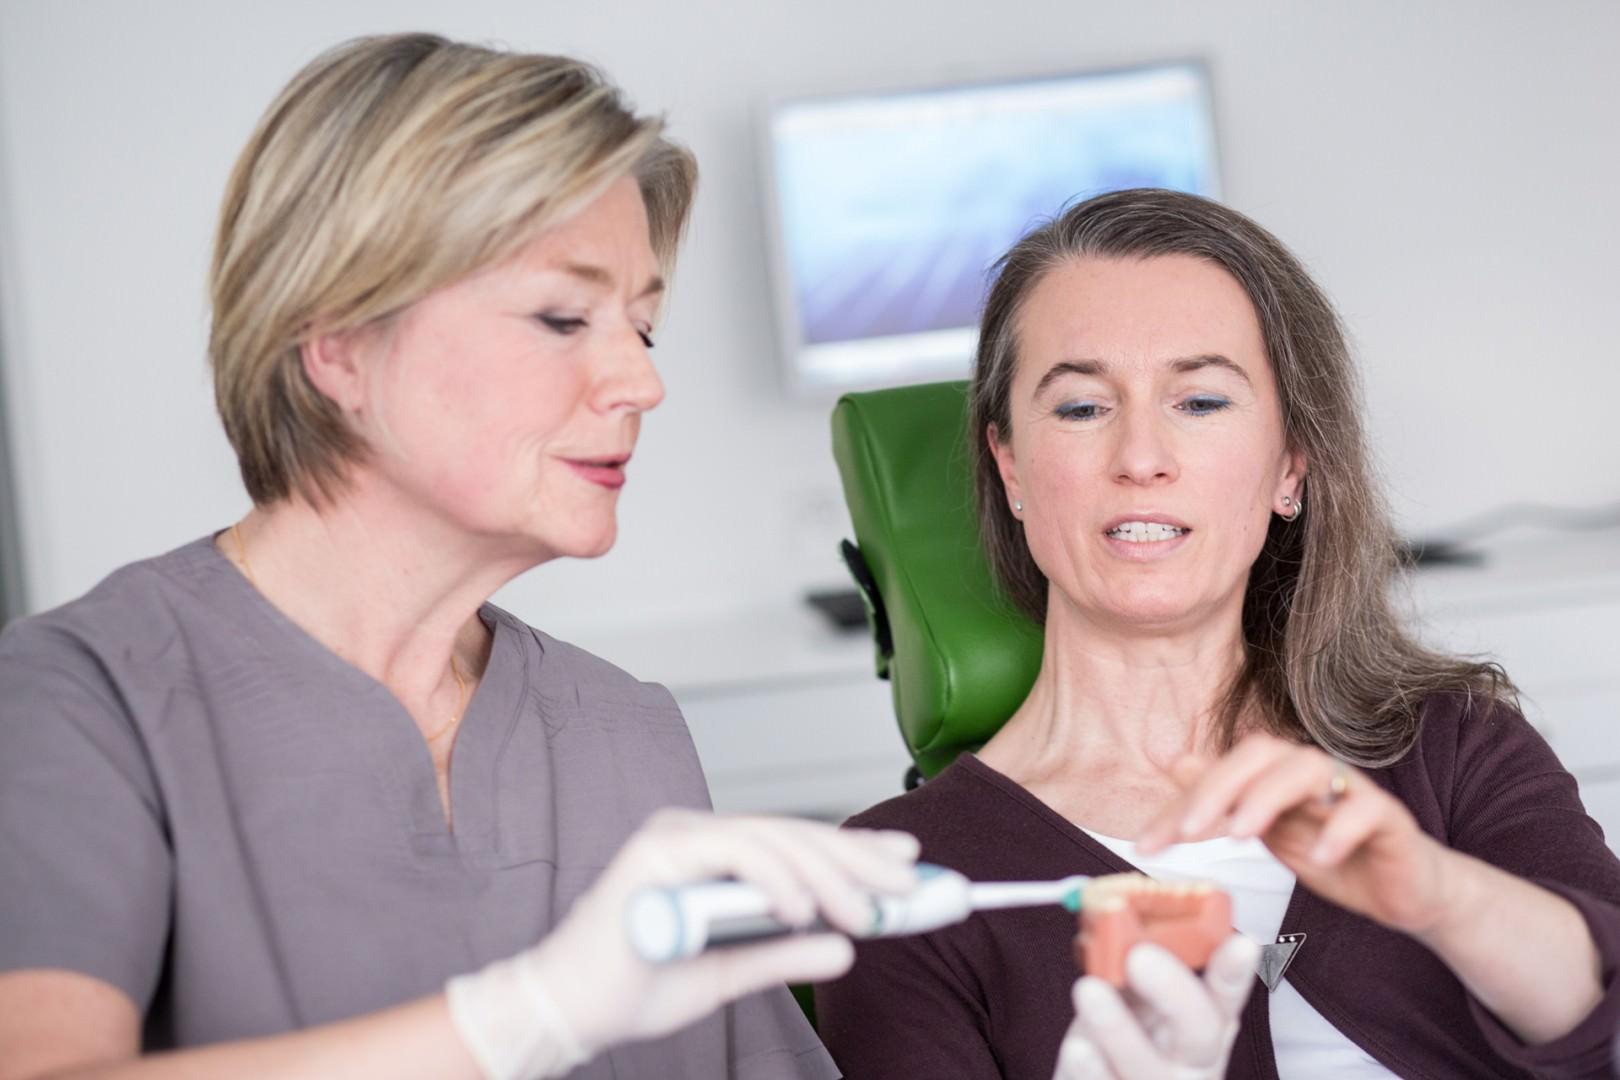 Frau Wutzke demonstriert ihrer Patientin die ideale Zahnpflege